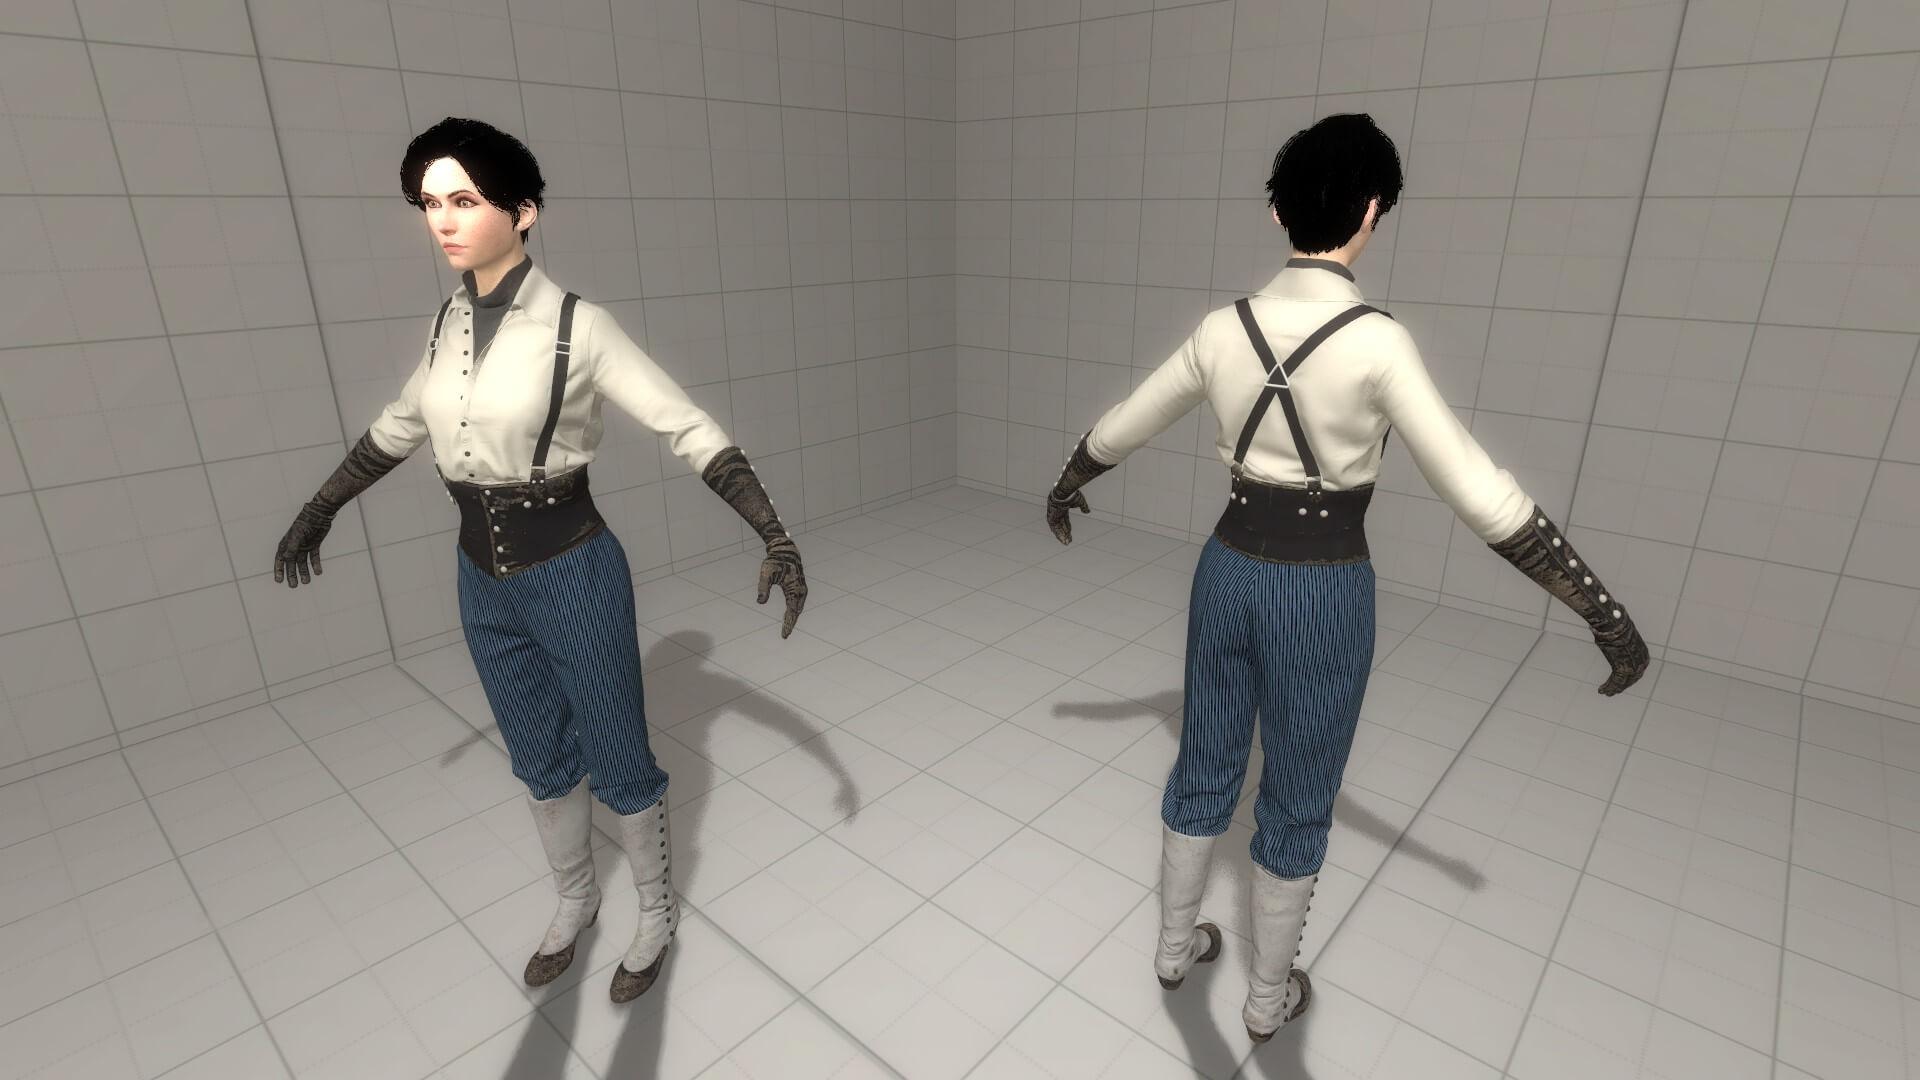 Garry's Mod - Cat the Thief из Call of Cthulhu (рэгдолл/NPC/PM)